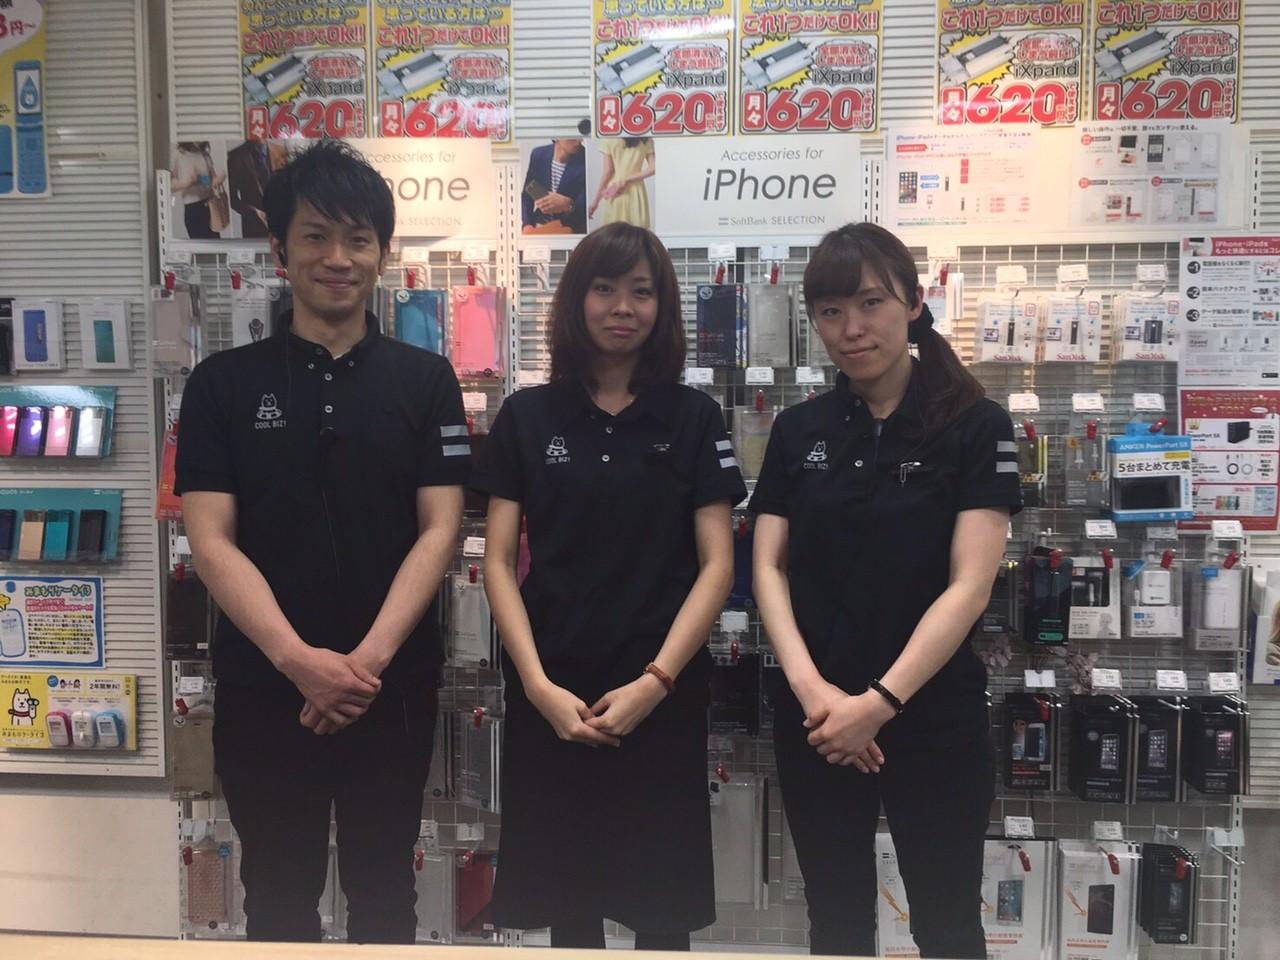 ソフトバンク 吉祥寺サンロードのアルバイト情報